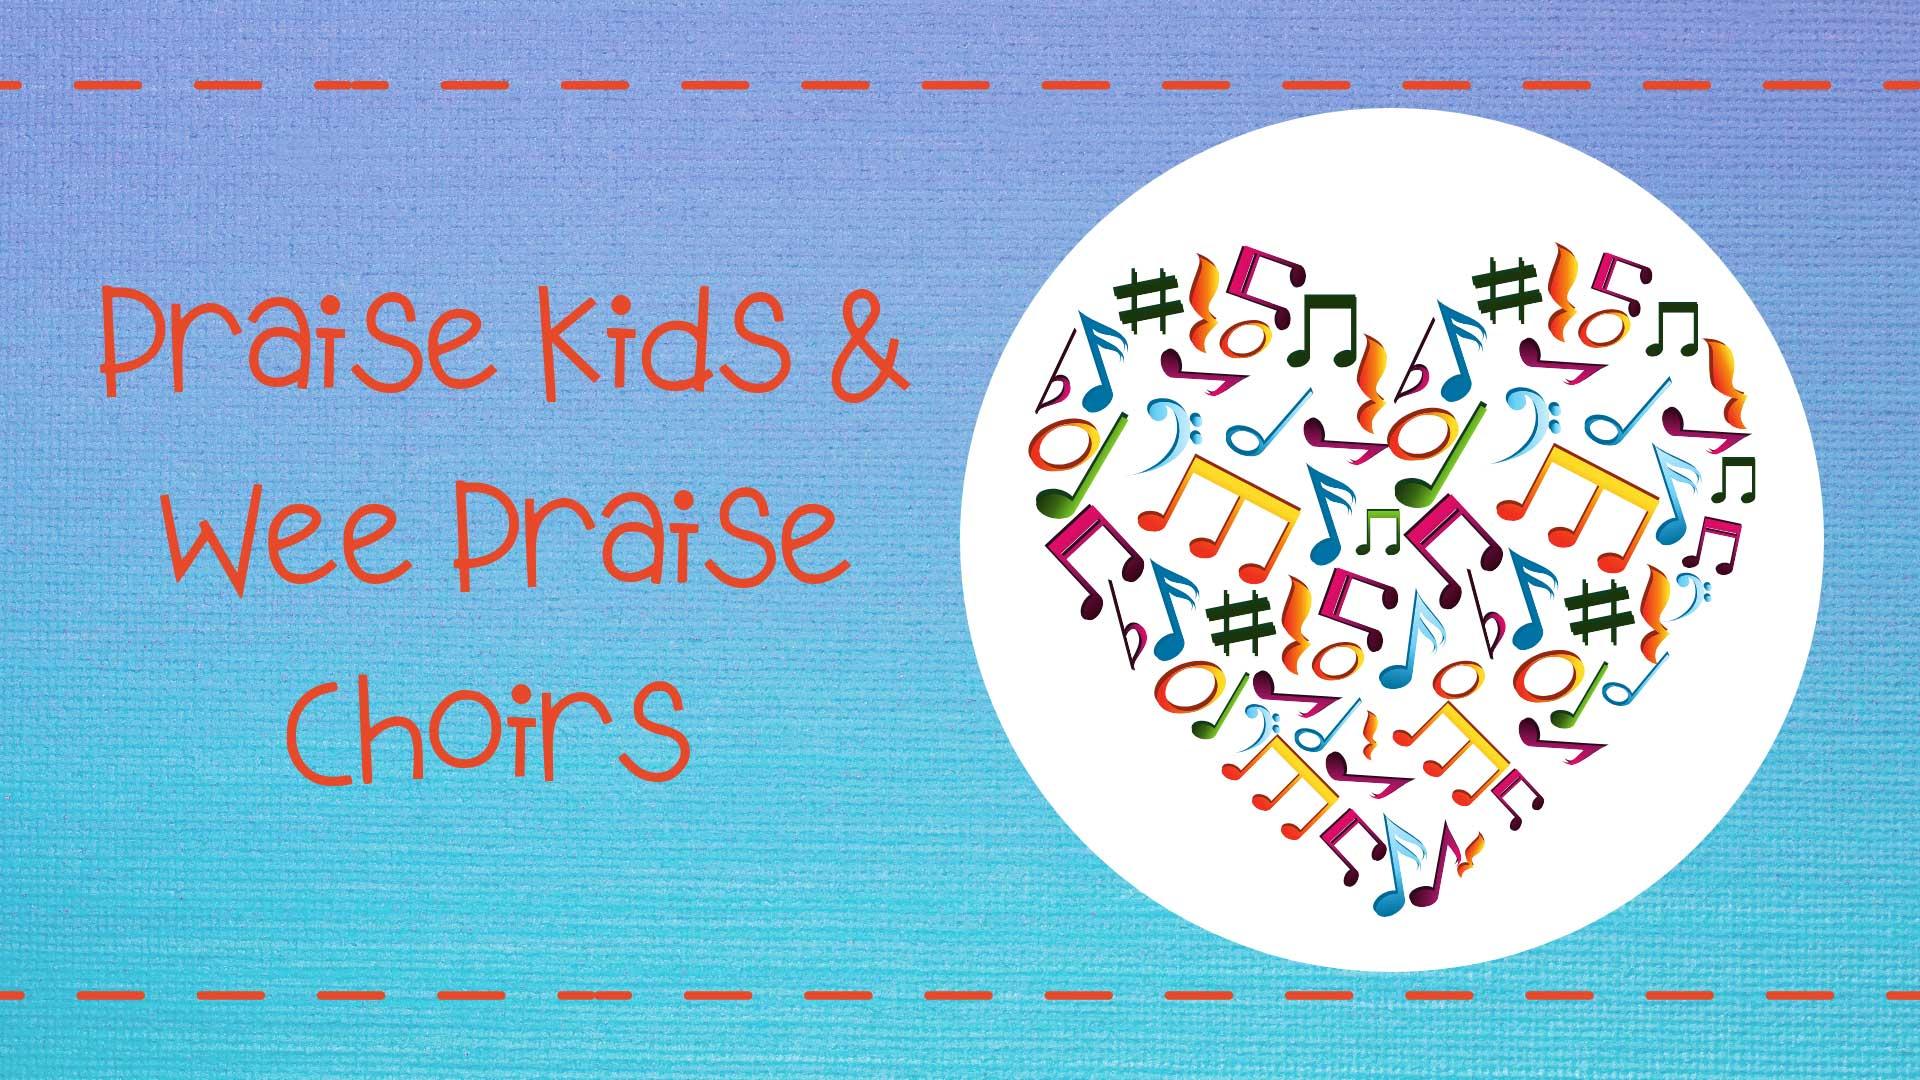 Praise-Kids-Slide_1